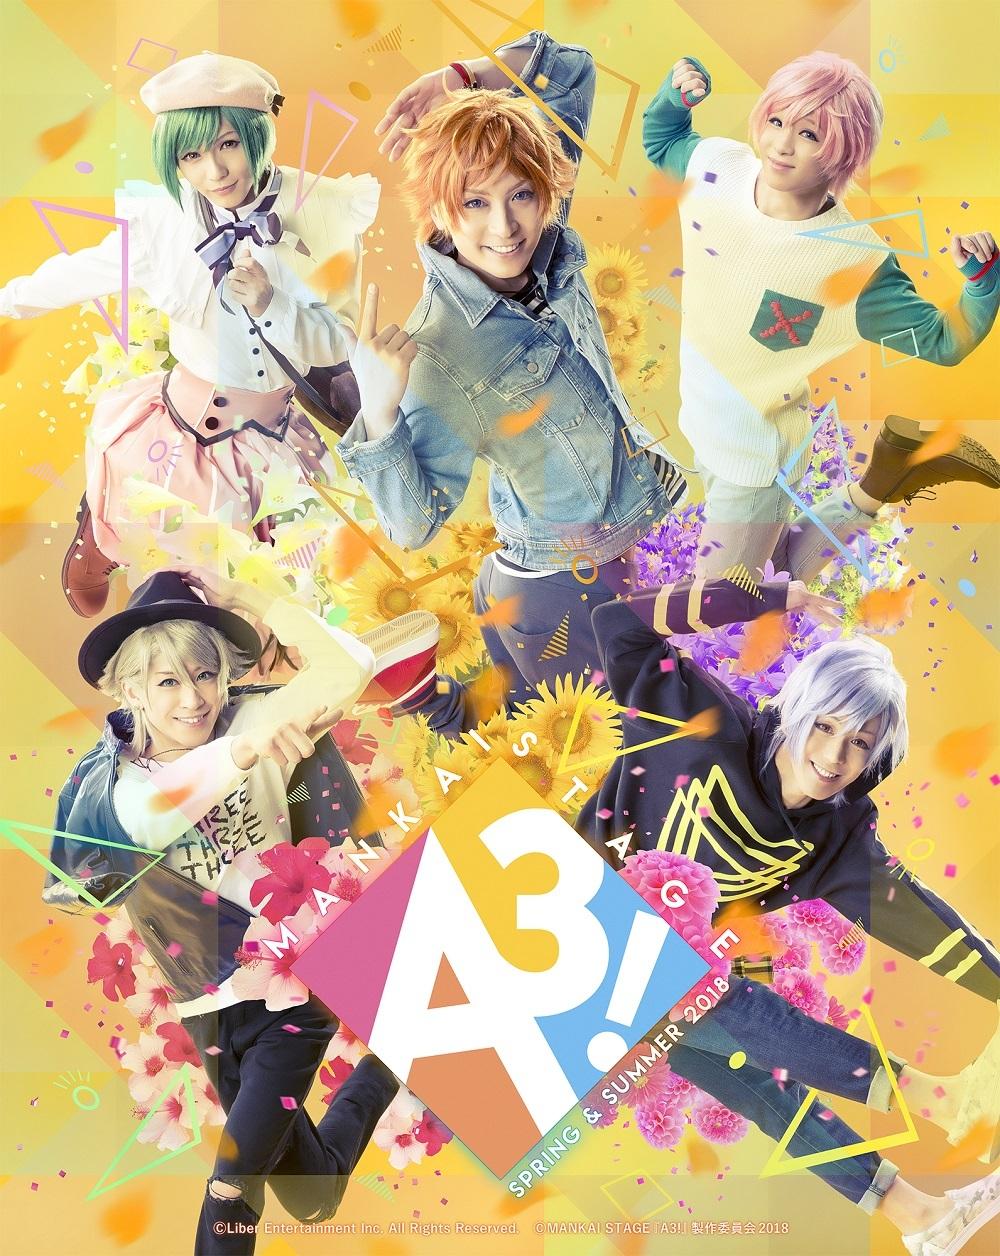 夏組 キービジュアル (C)Liber Entertainment Inc. All Rights Reserved. (C)MANKAI STAGE『A3!』製作委員会2018